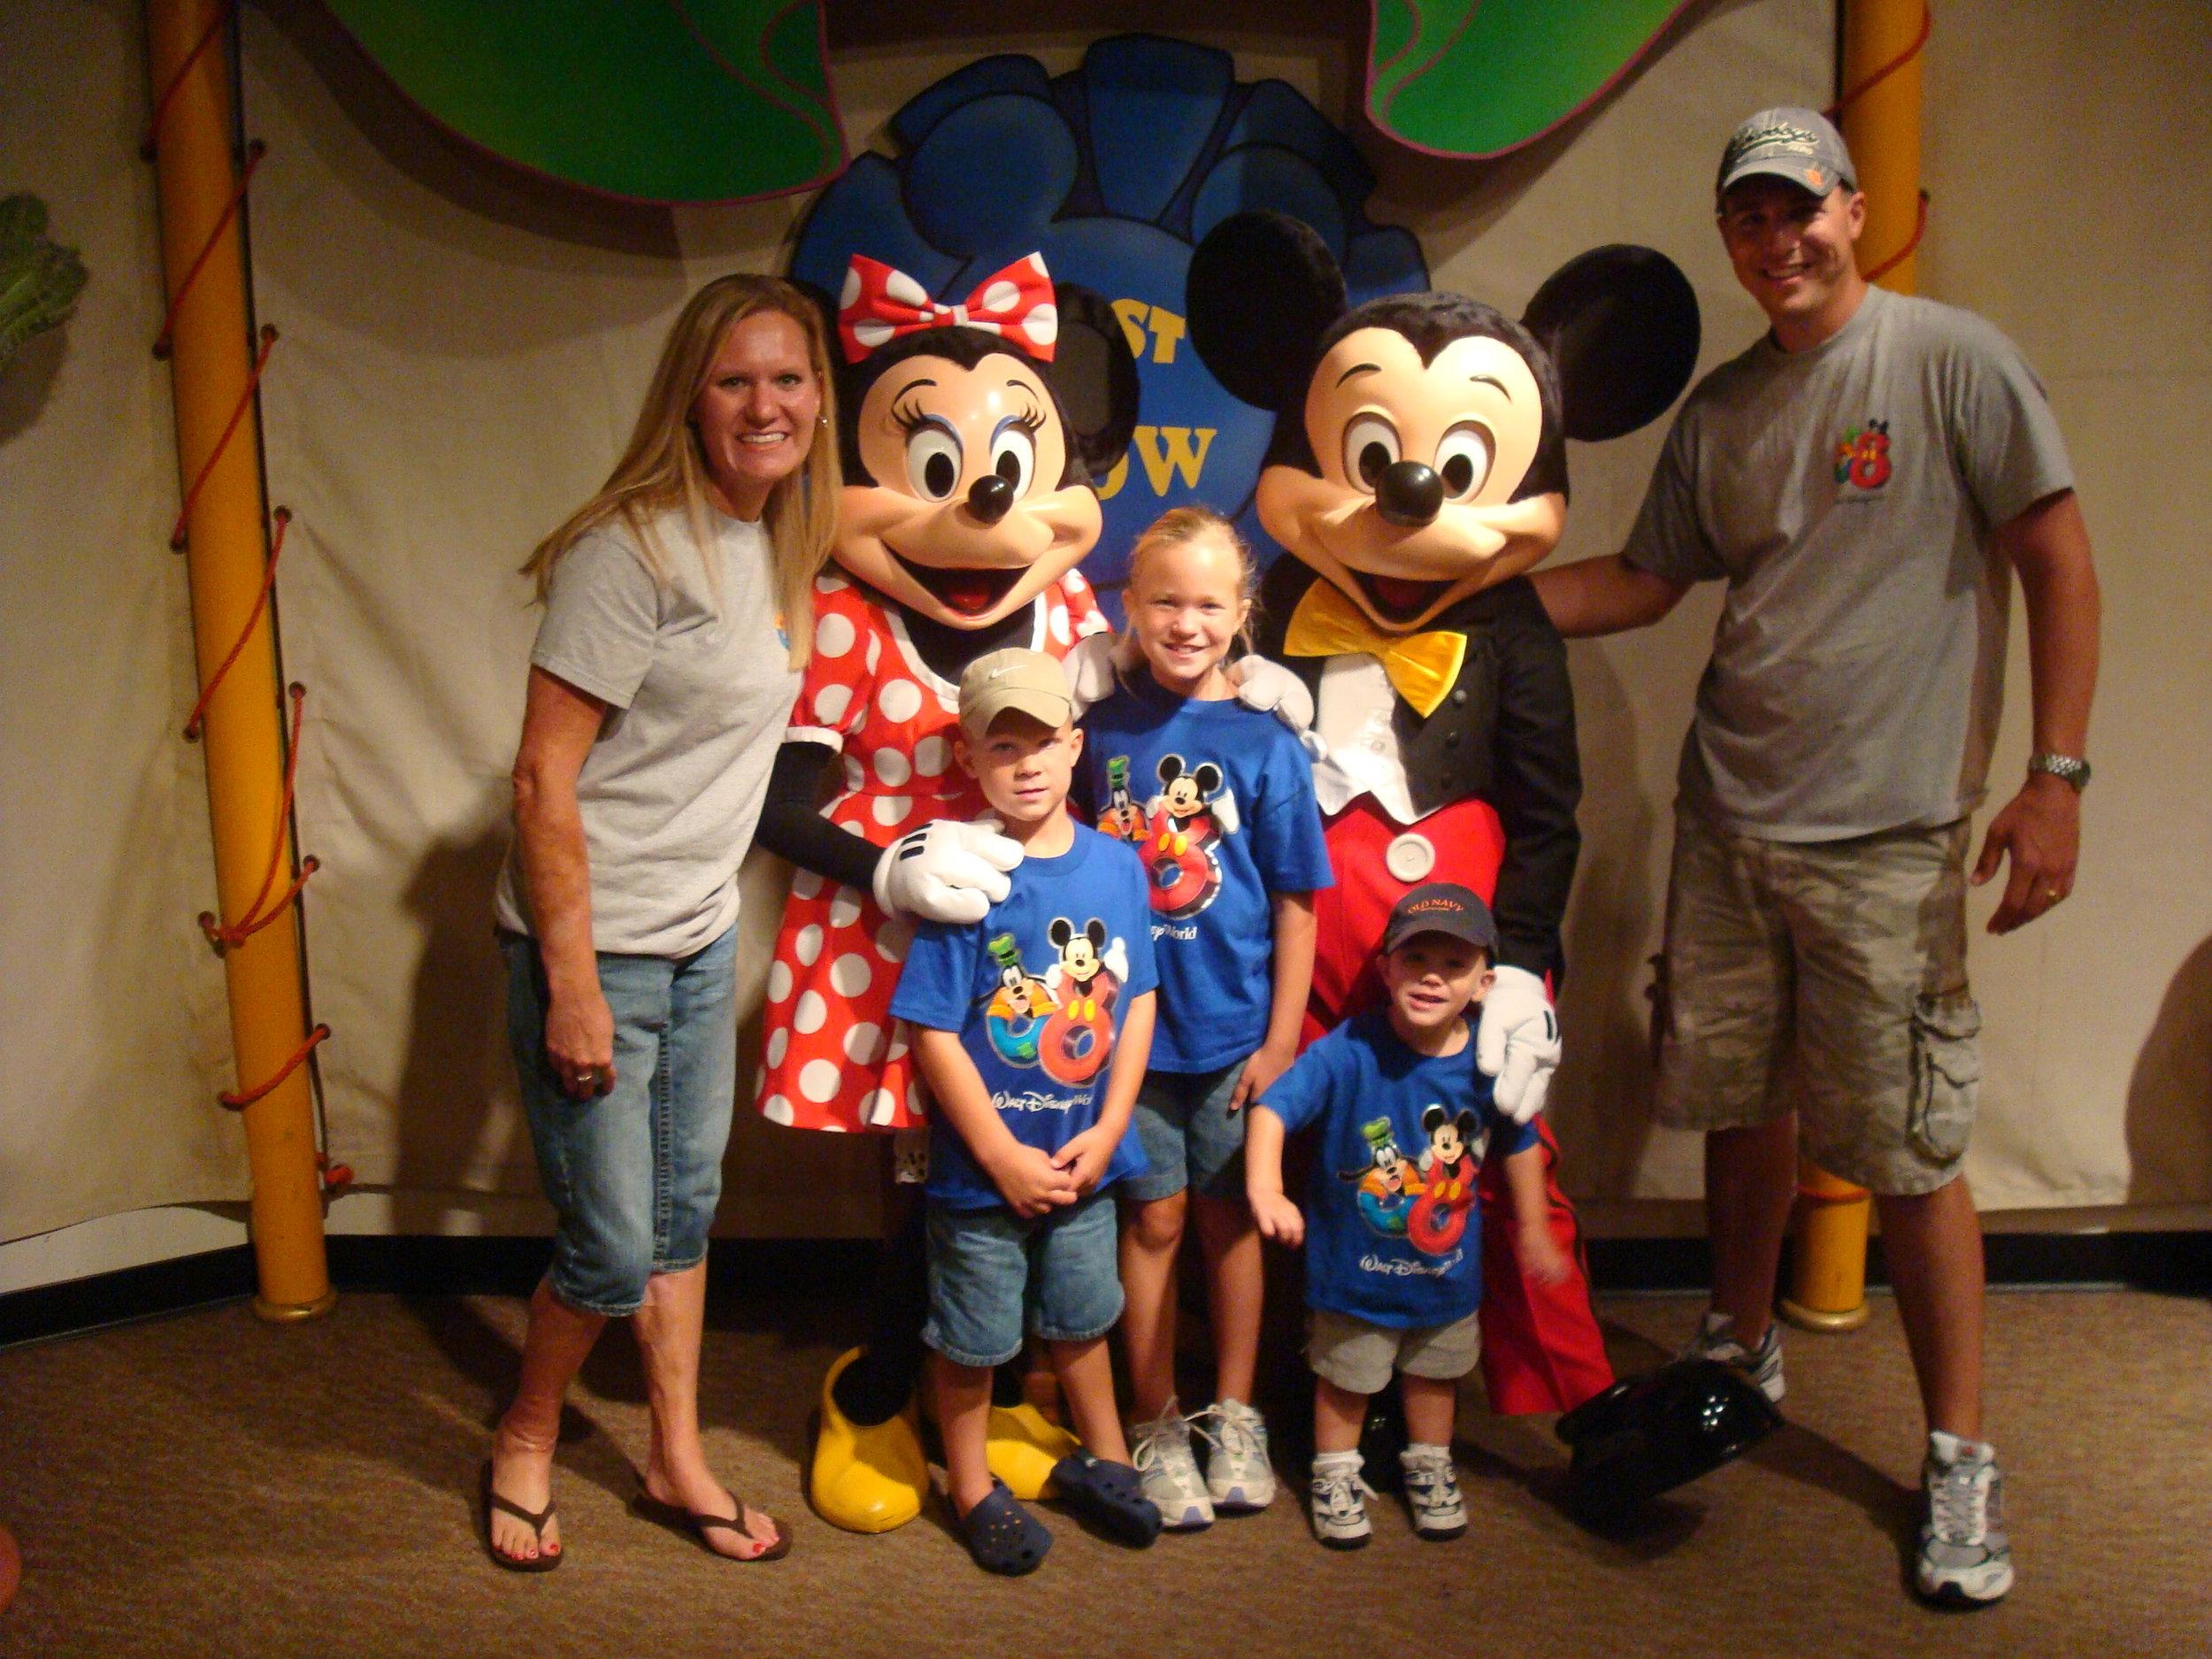 Disney_2008